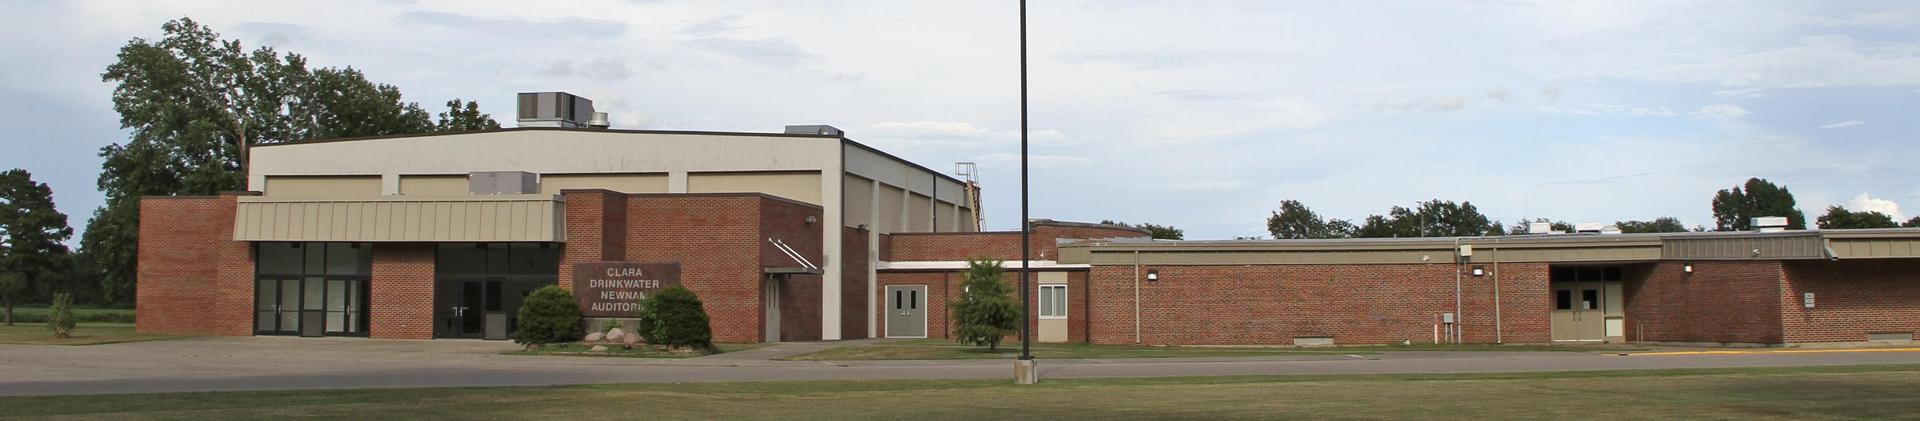 Clara Drinkwater Newnam Auditorium